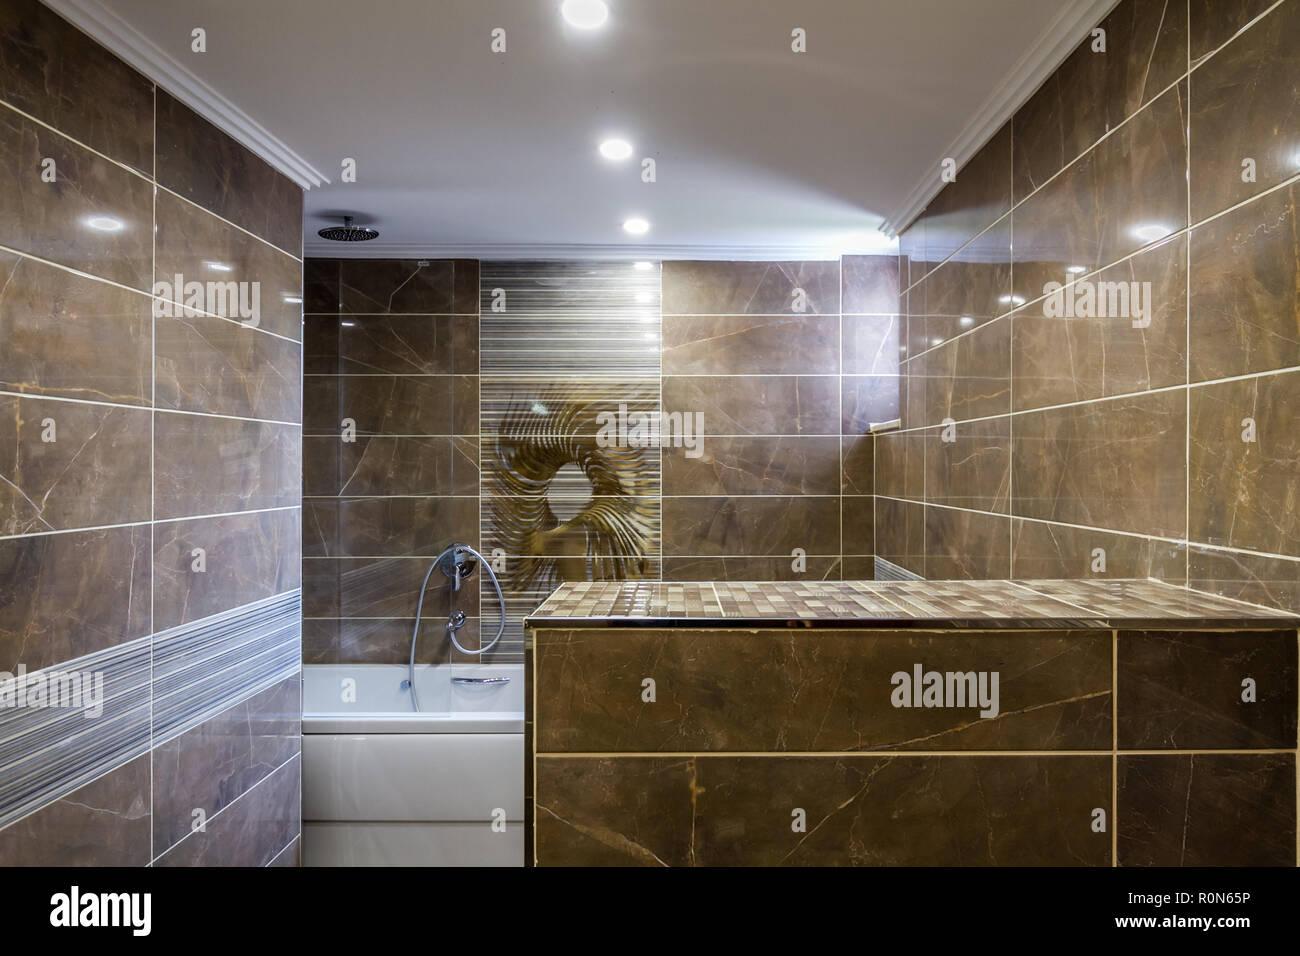 Vasca Da Bagno Marmo : Moderne stanze da bagno sono decorate con pareti in marmo bianco